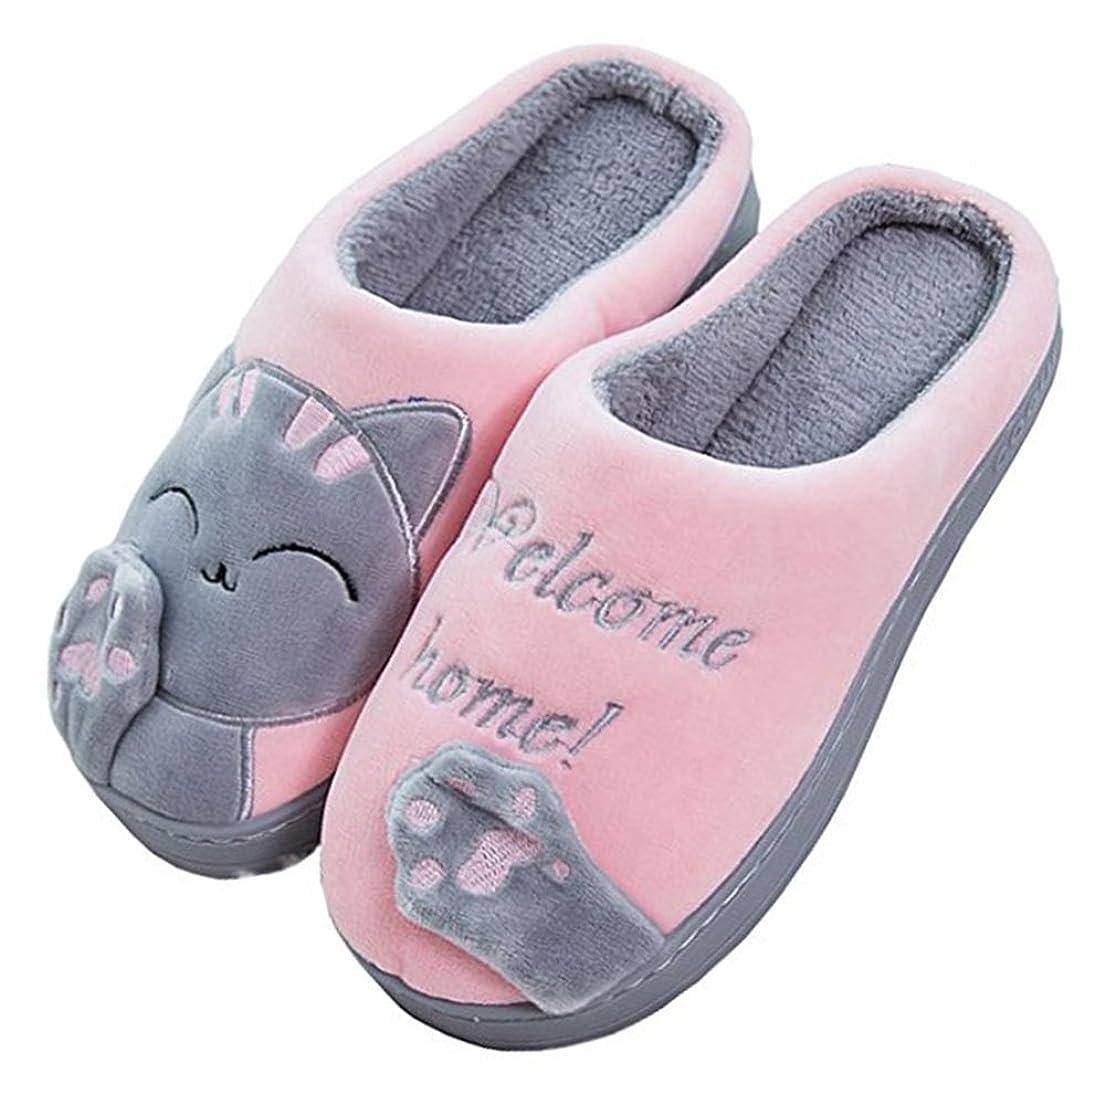 そこからピボット縞模様の[Foochow] スリッパ静かなインテリアかわいい猫の家族の子供カップルルームの靴